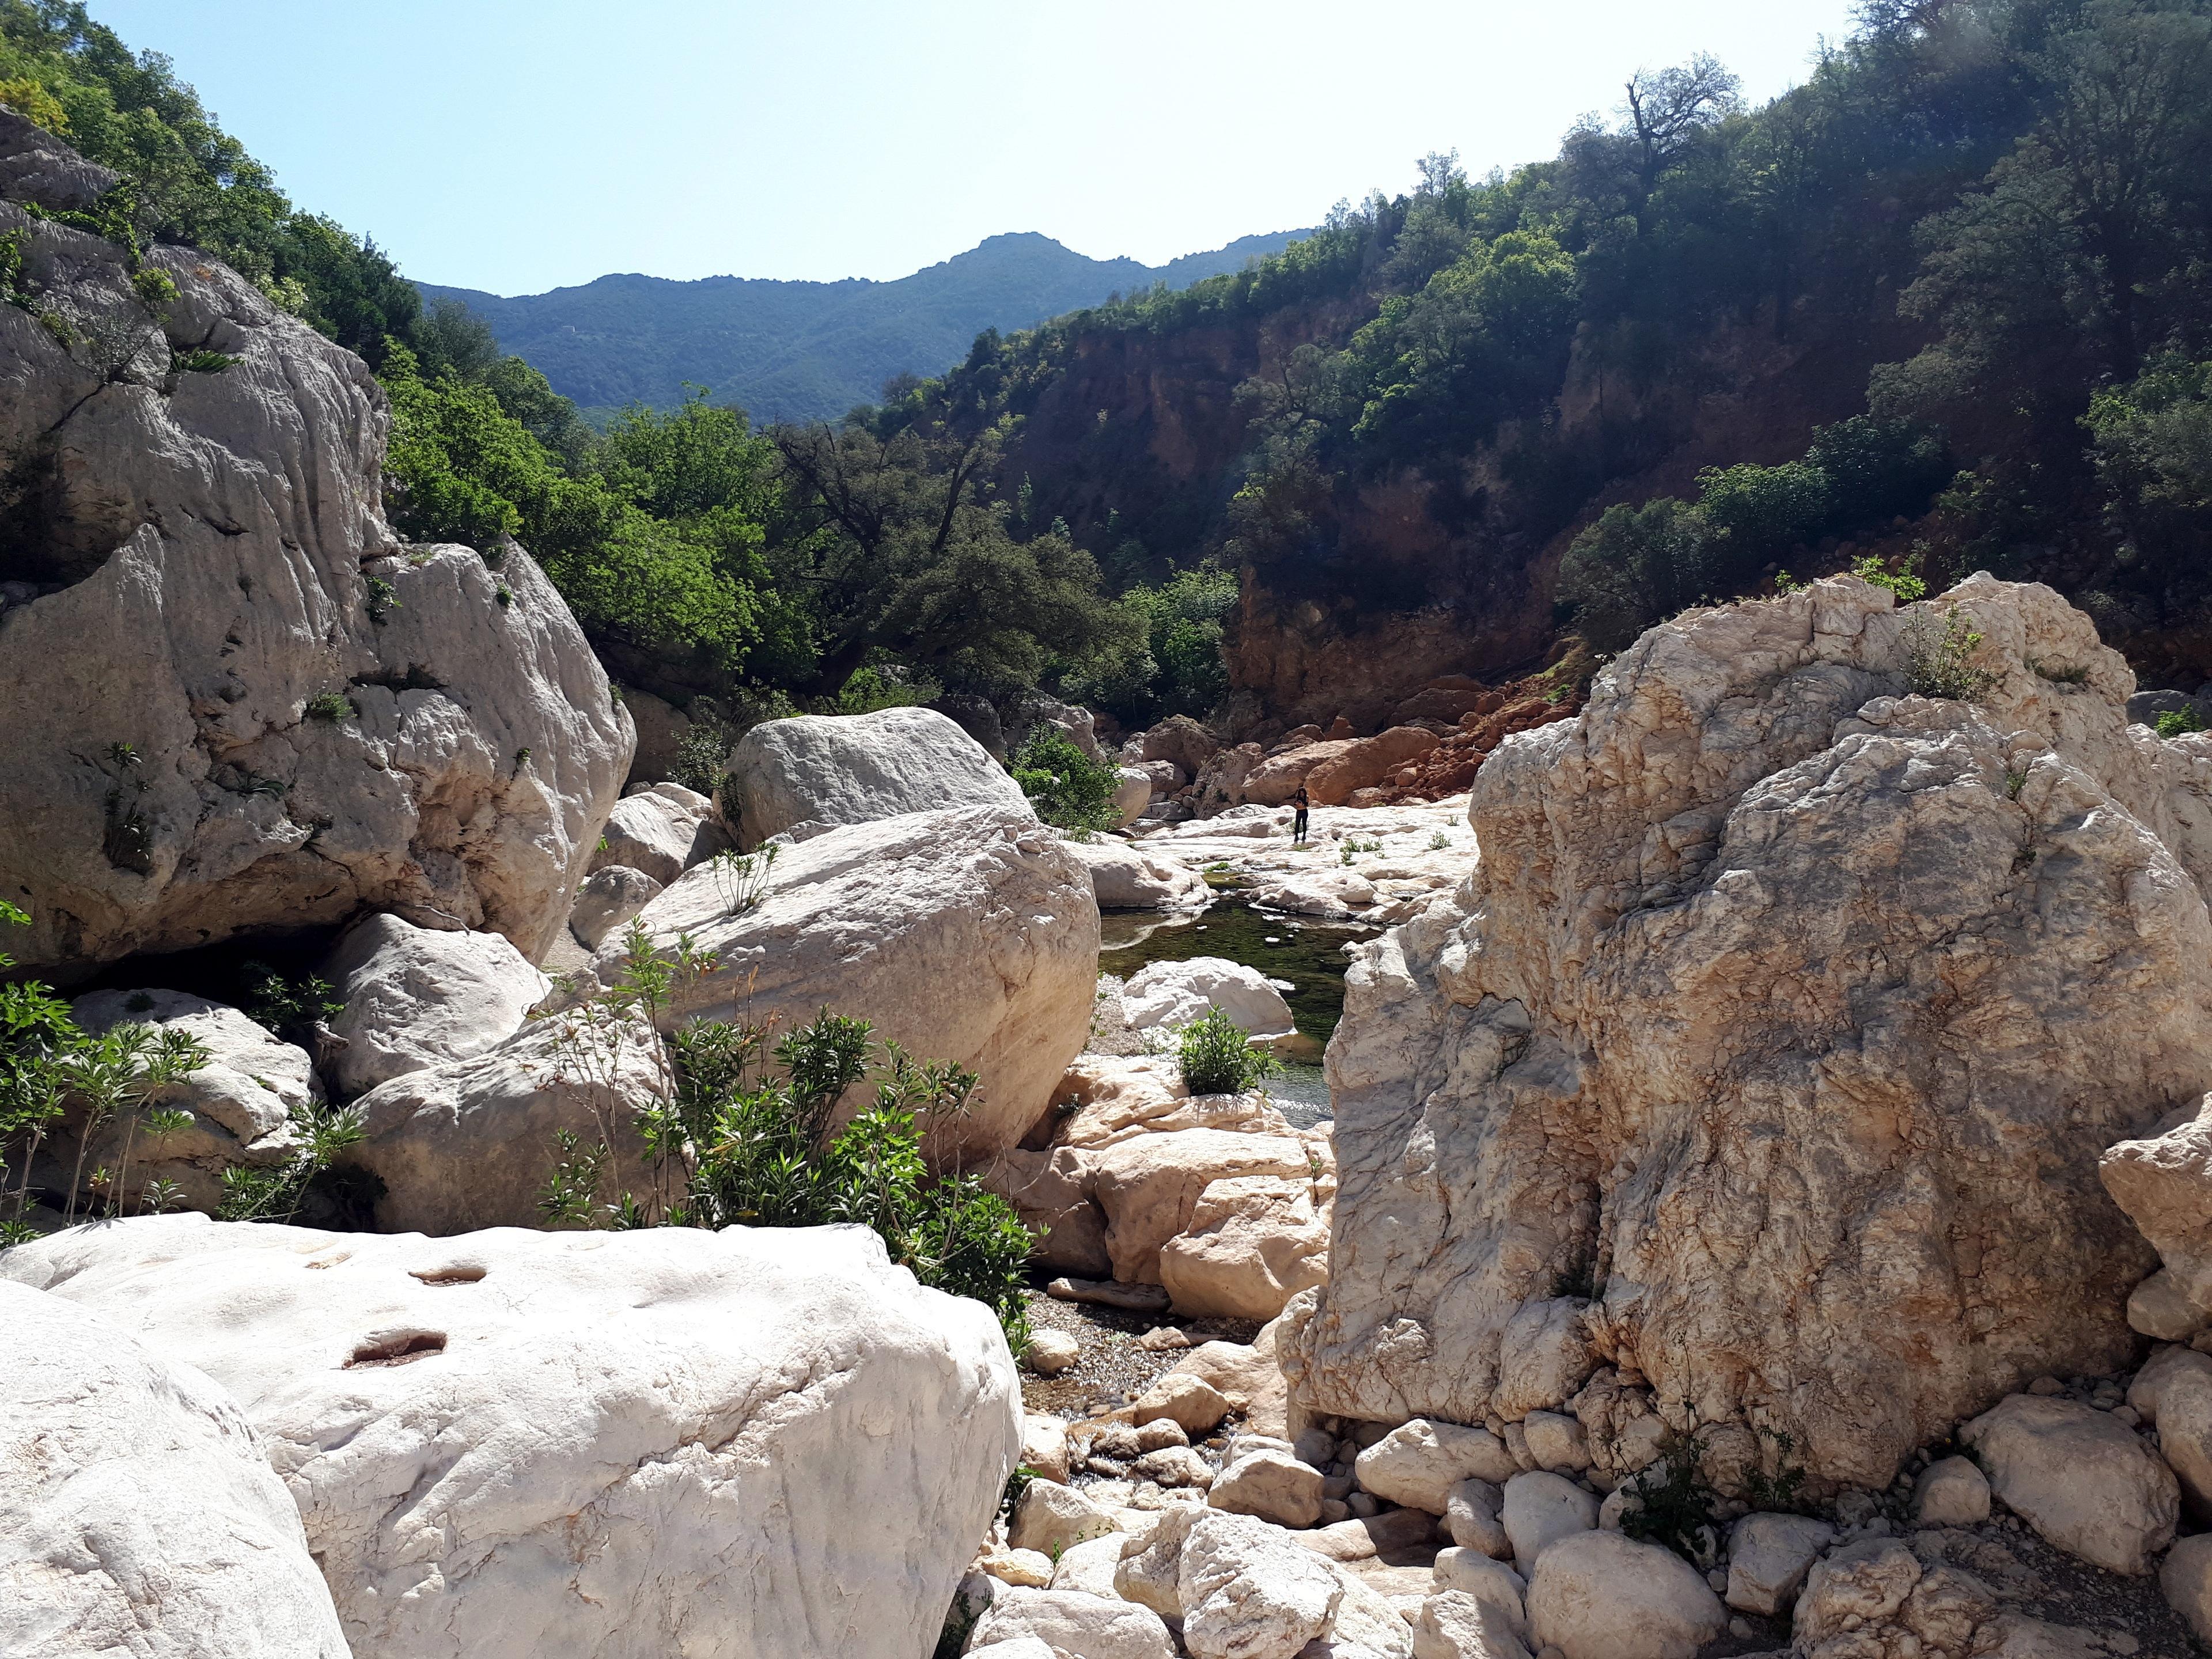 l'imbocco del Canyon, con il Rio Flumineddu che sbuca in superficie